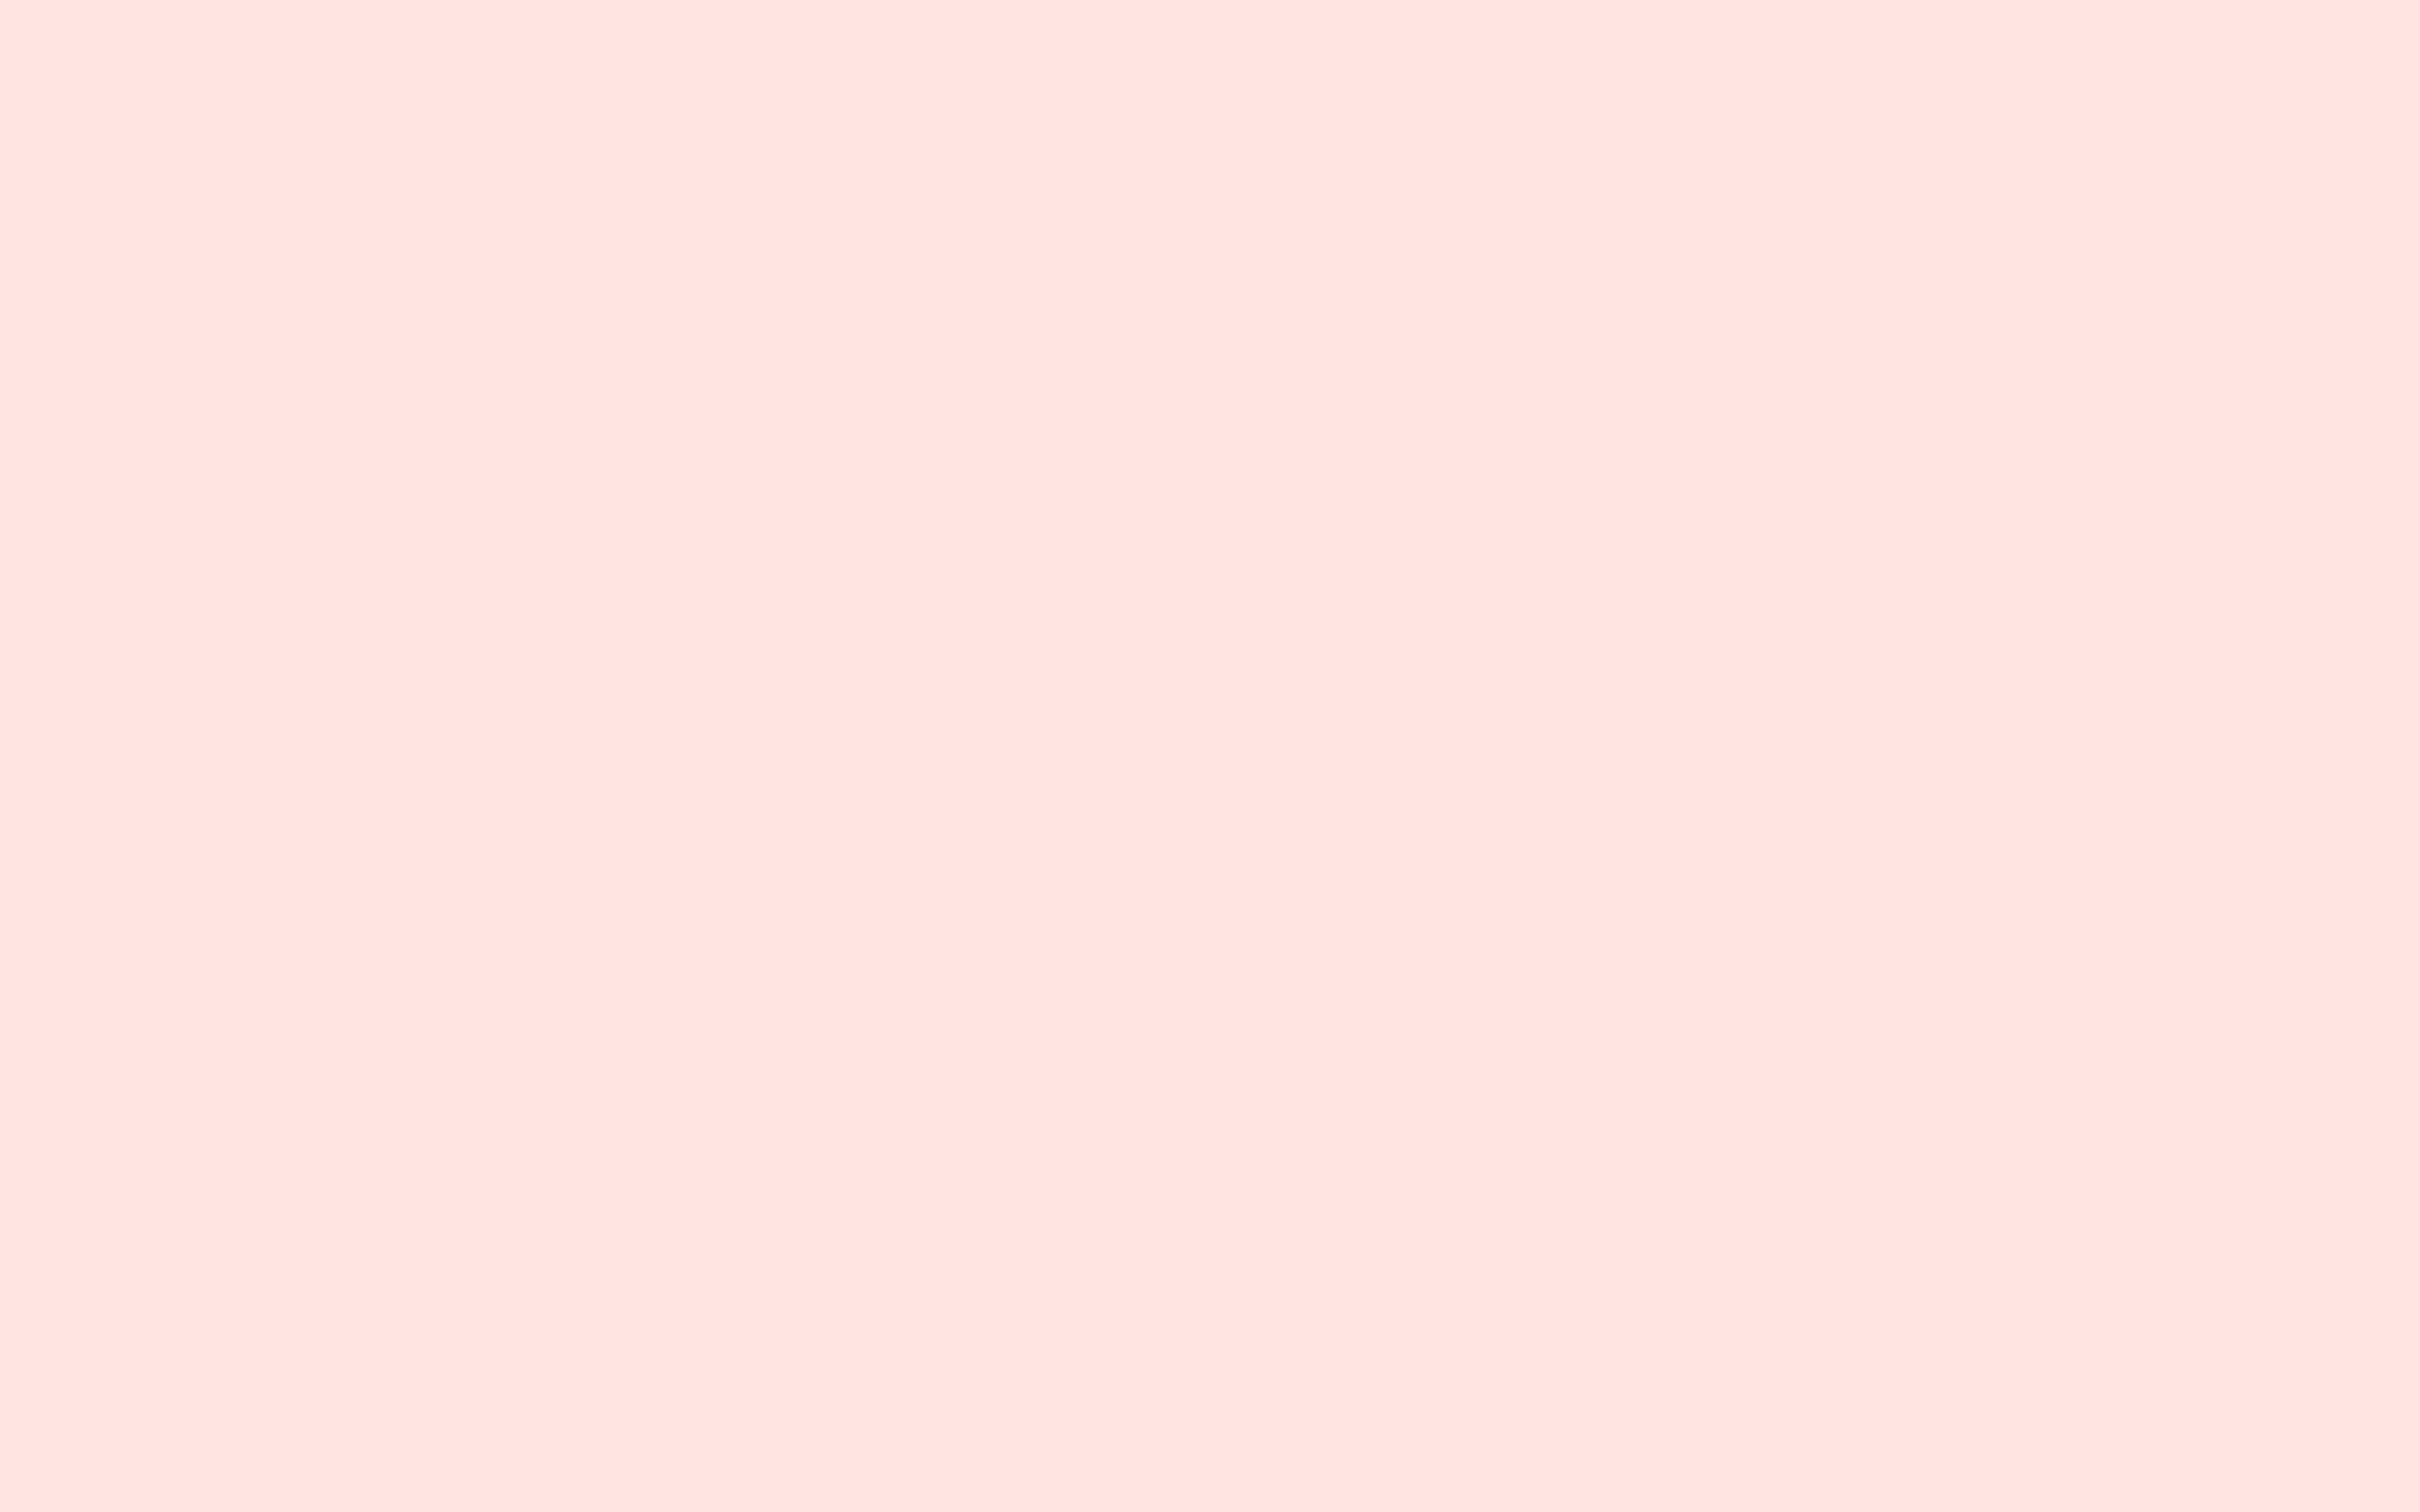 2560x1600 Misty Rose Solid Color Background